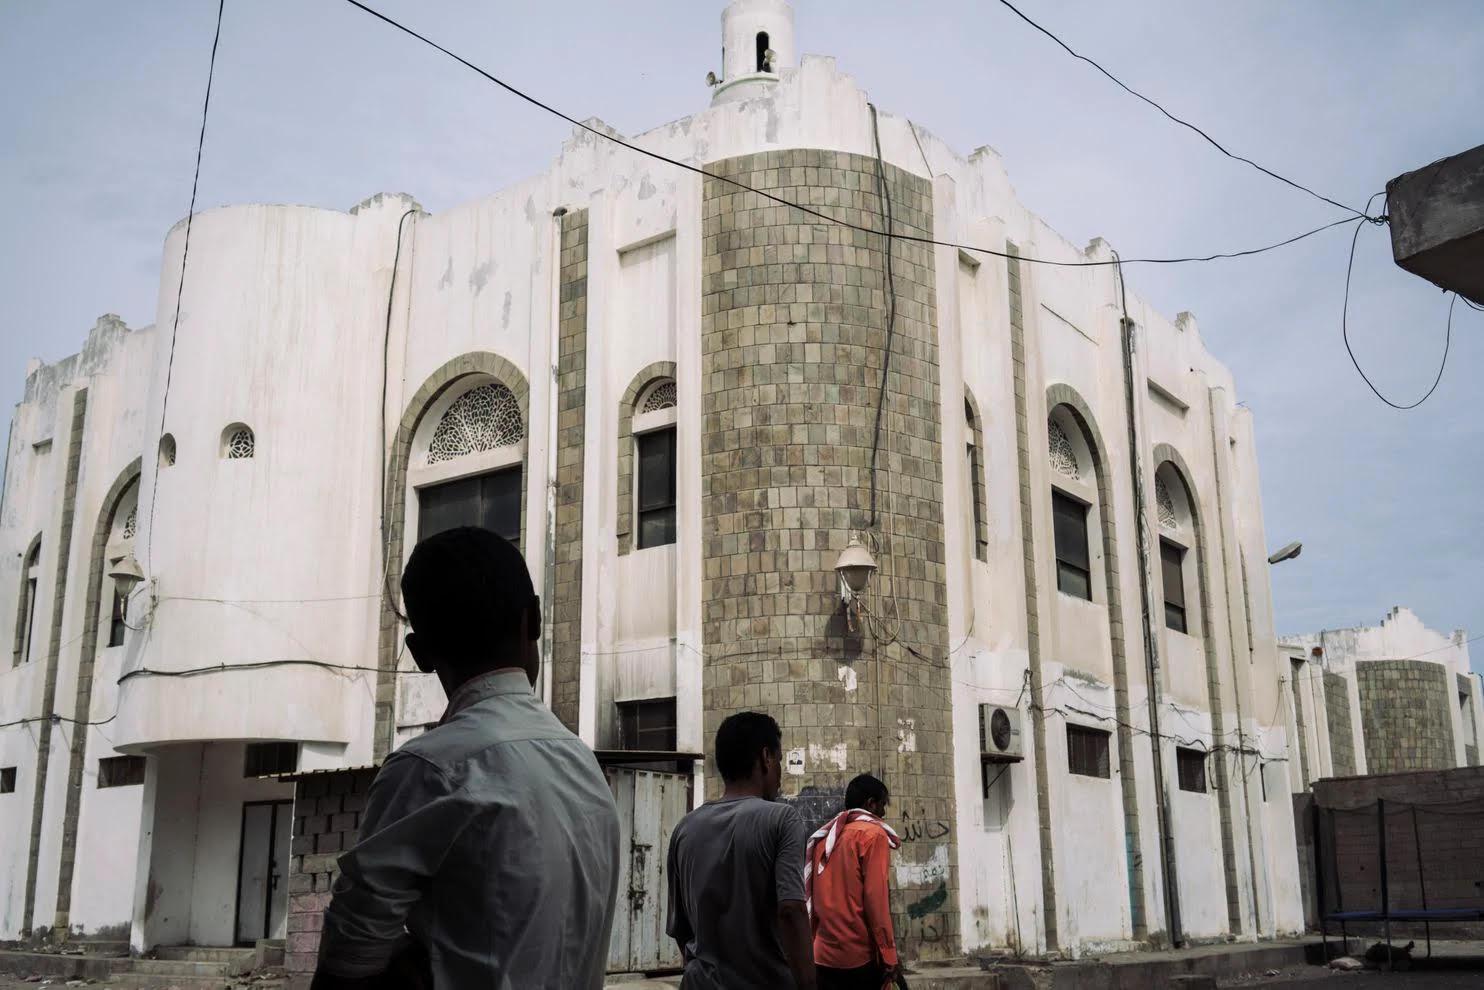 (واشنطن بوست) ميليشيات موالية للإمارات وراء اغتيال أئمة المساجد اليمنيين